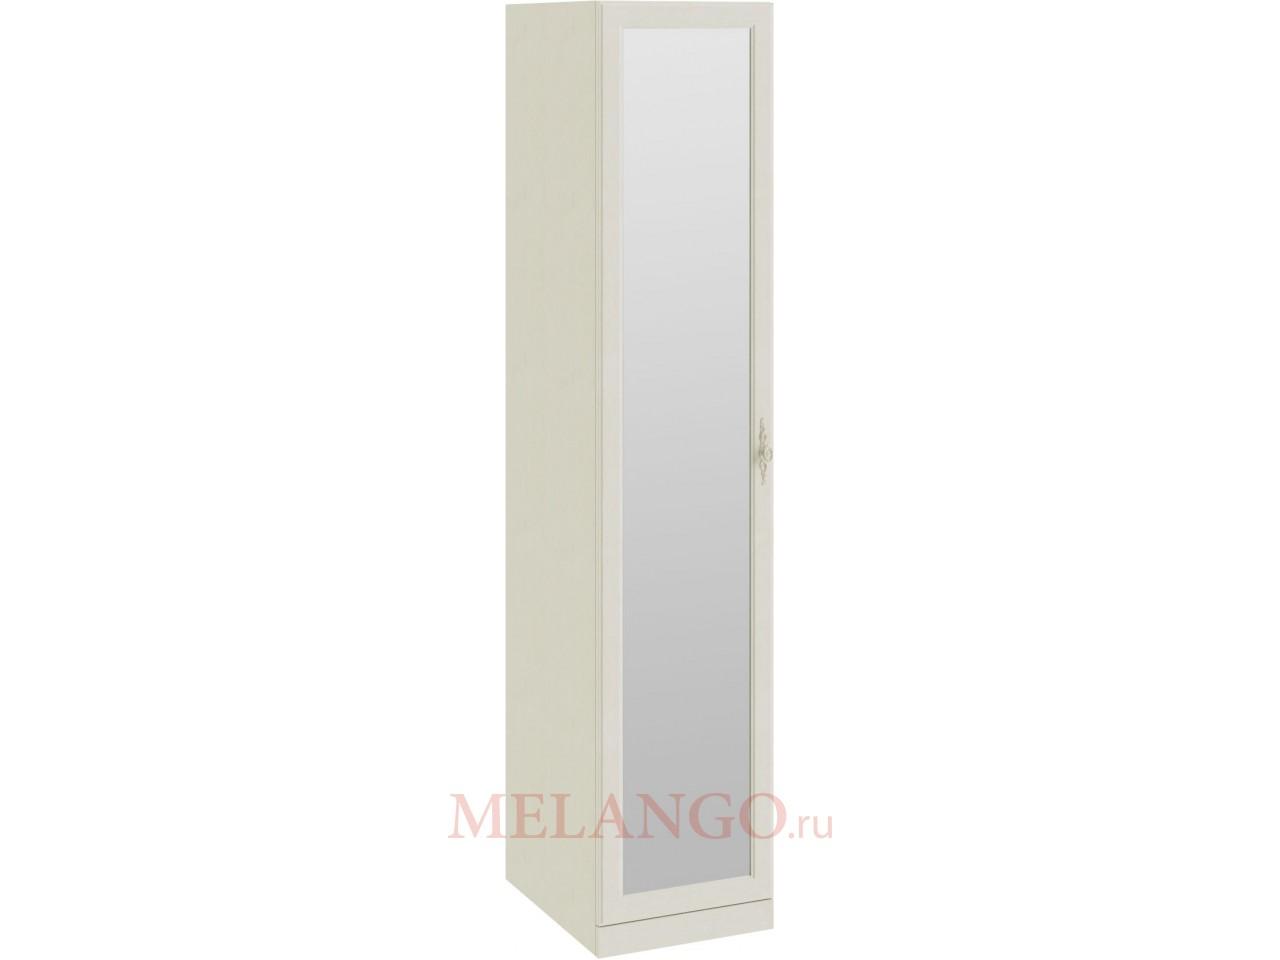 Шкаф для белья с 1-ой зеркальной дверью «Лючия» (Штрихлак) СМ-235.07.02